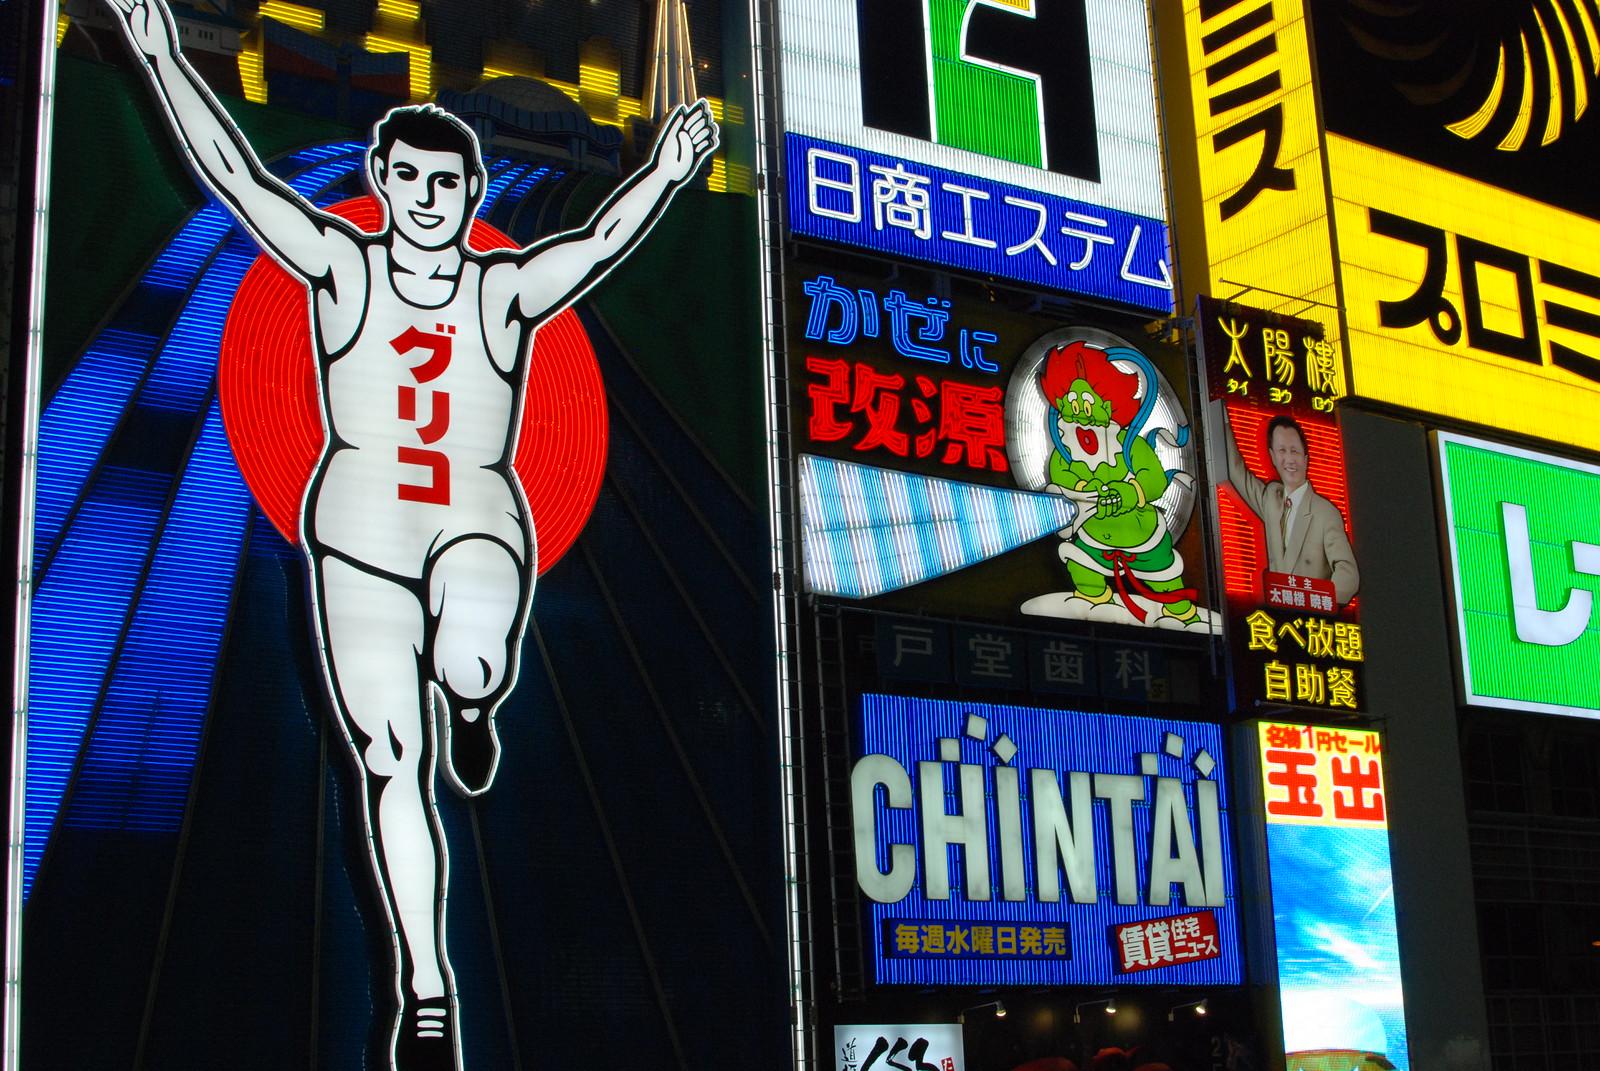 Mosaico de carteles luminosos INMENSOS en calle Dotombori, Osaka